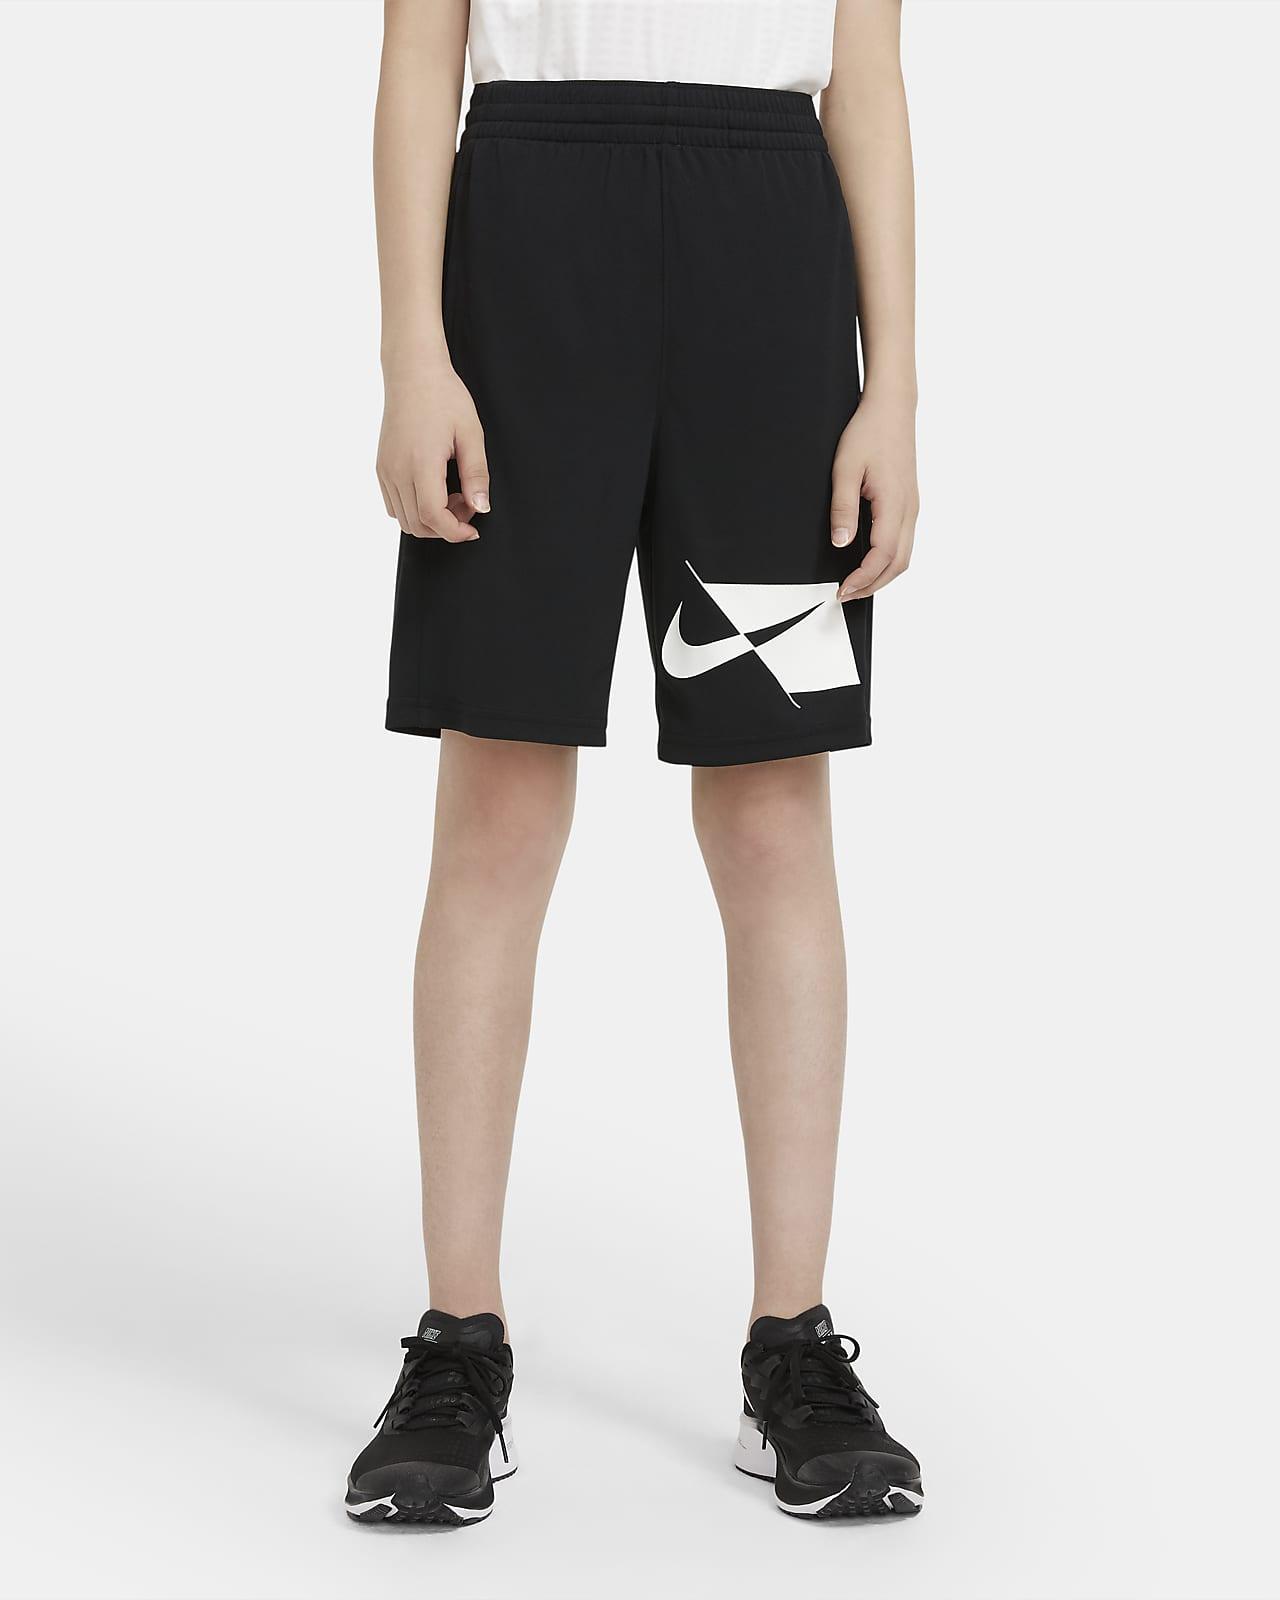 Σορτς προπόνησης Nike Dri-FIT για μεγάλα αγόρια